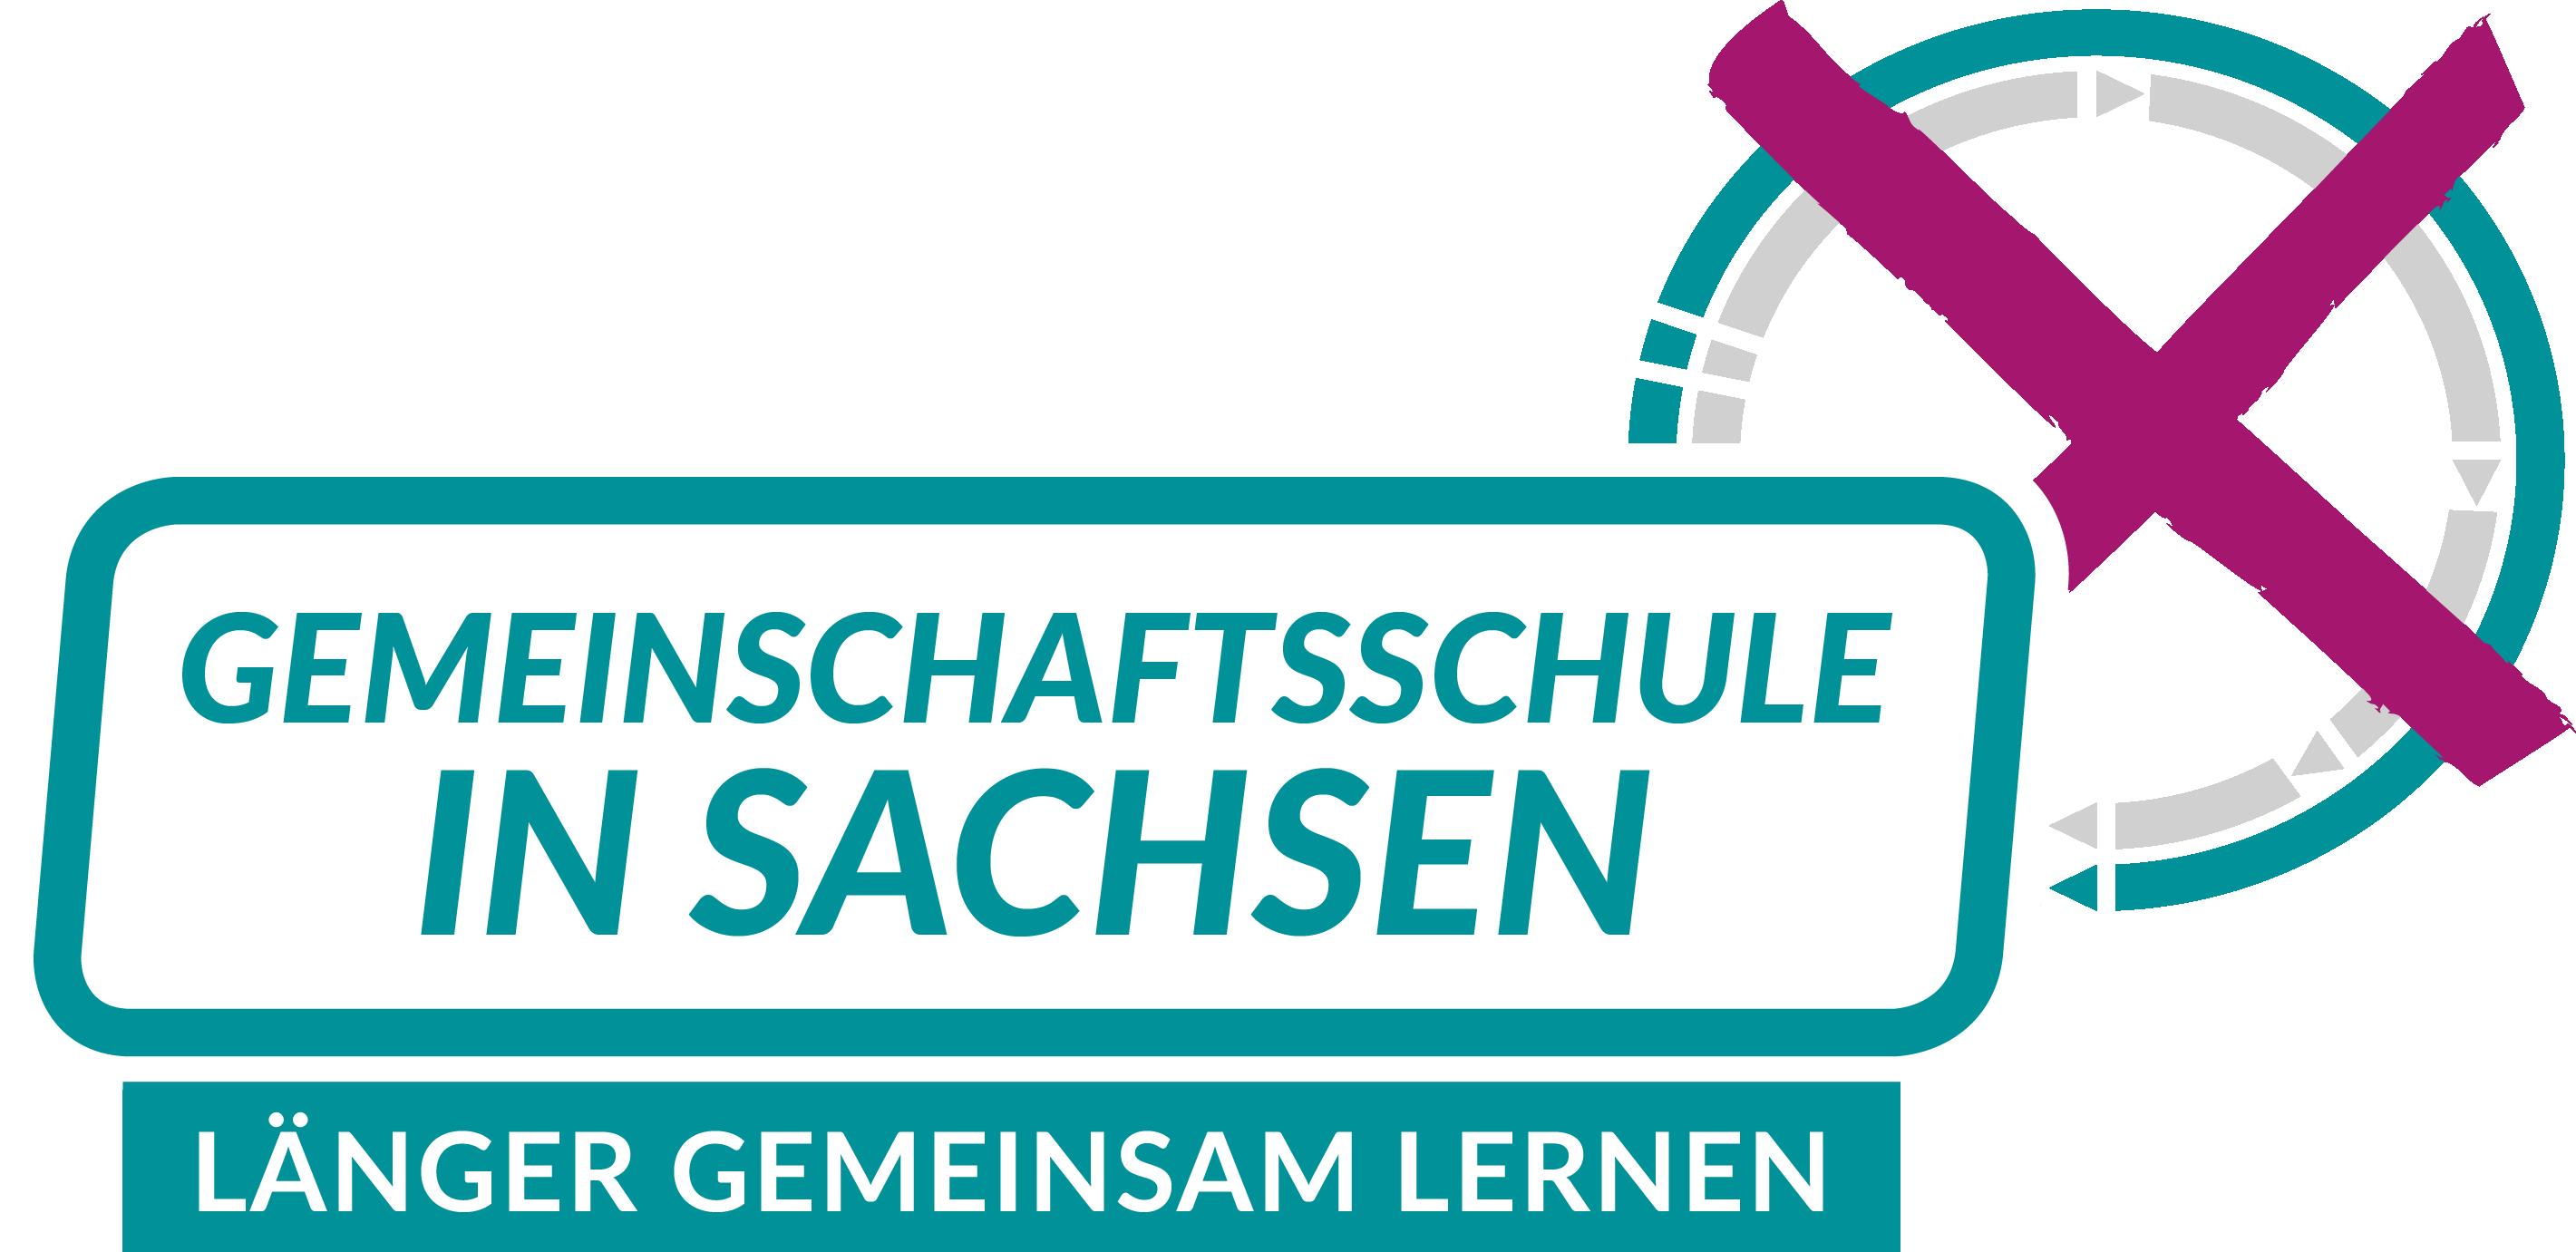 Gemeinschaftsschule in Sachsen